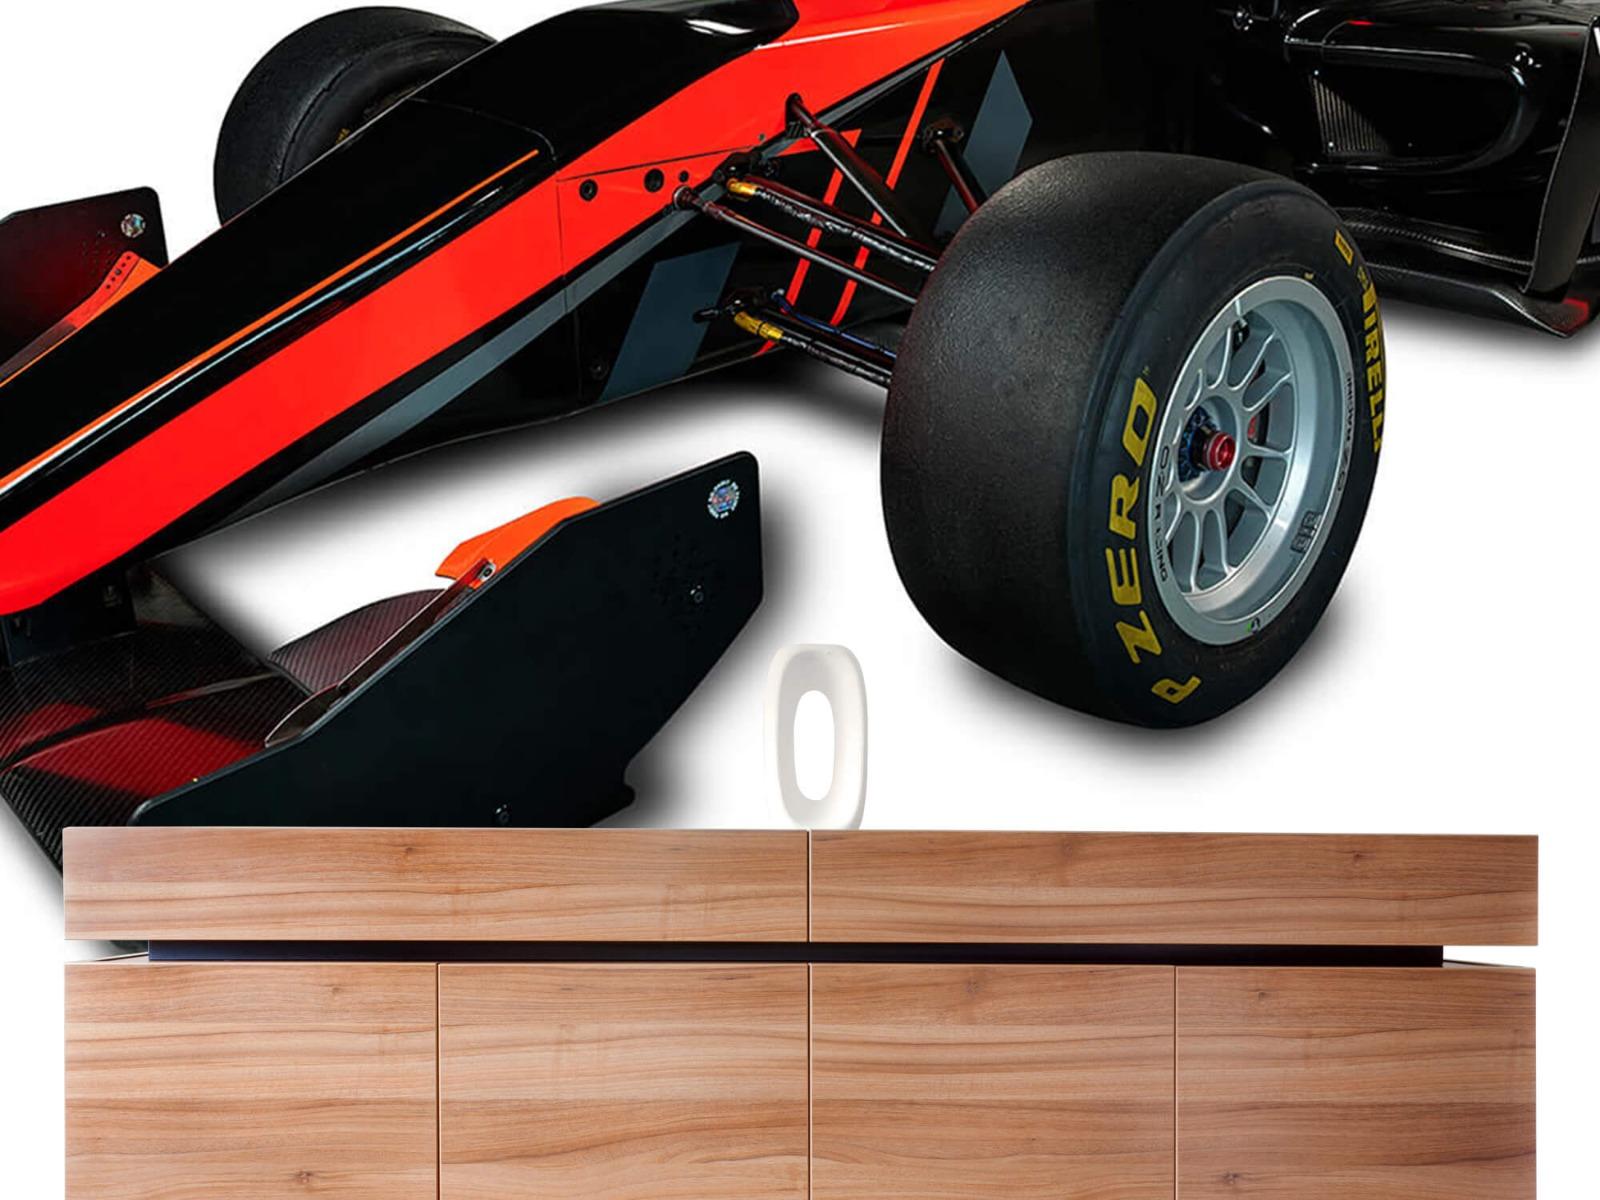 Sportauto's - Formule 3 - Left front view - Tienerkamer 20